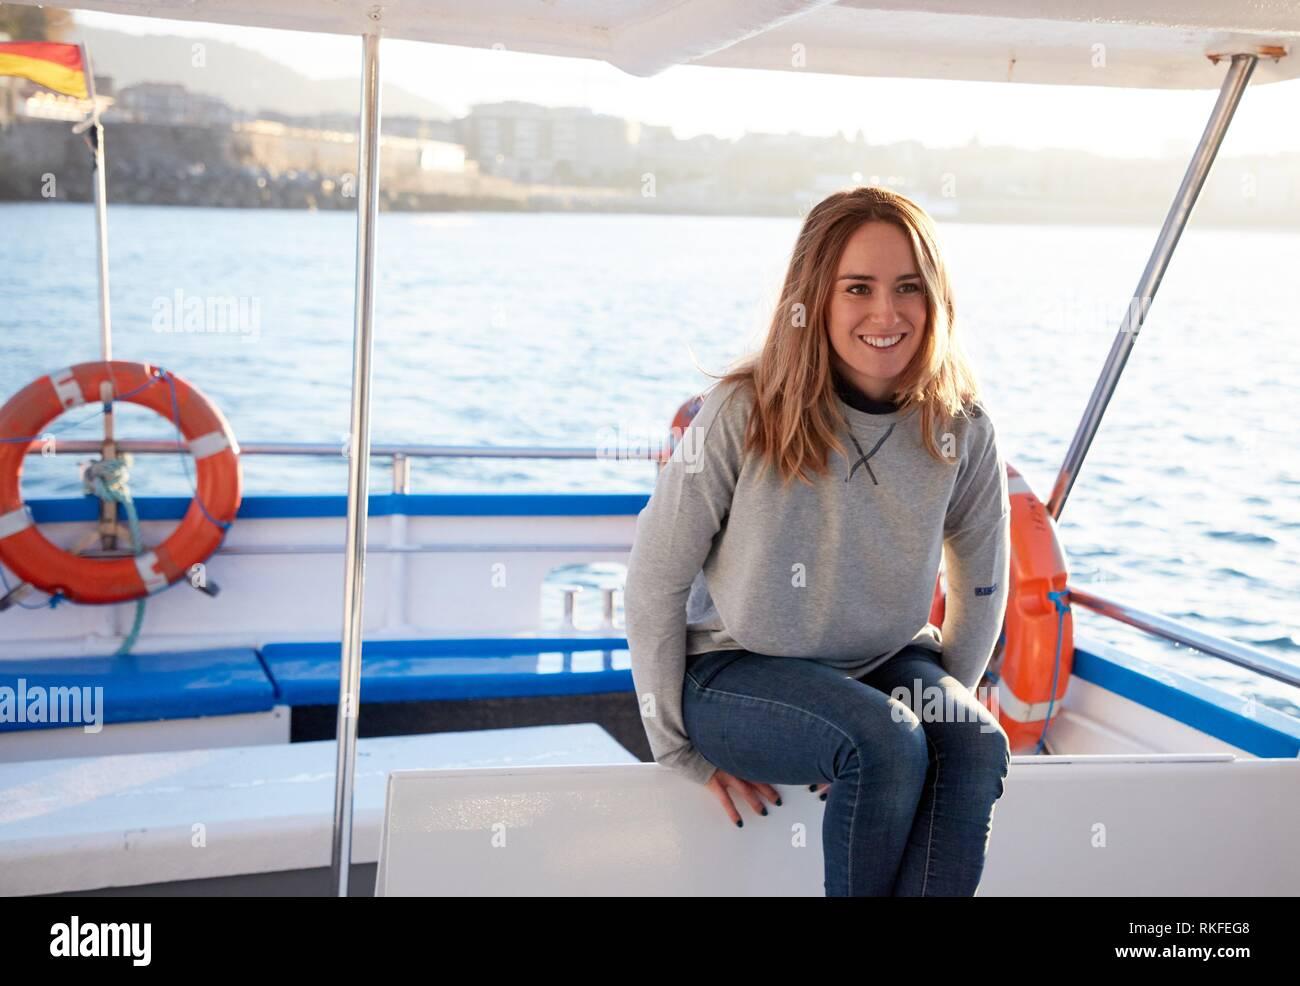 Mujer adulta en un viaje en barco a la Isla Santa Clara, Donostia, San Sebastián, Gipuzkoa, País Vasco, España, Europa Imagen De Stock